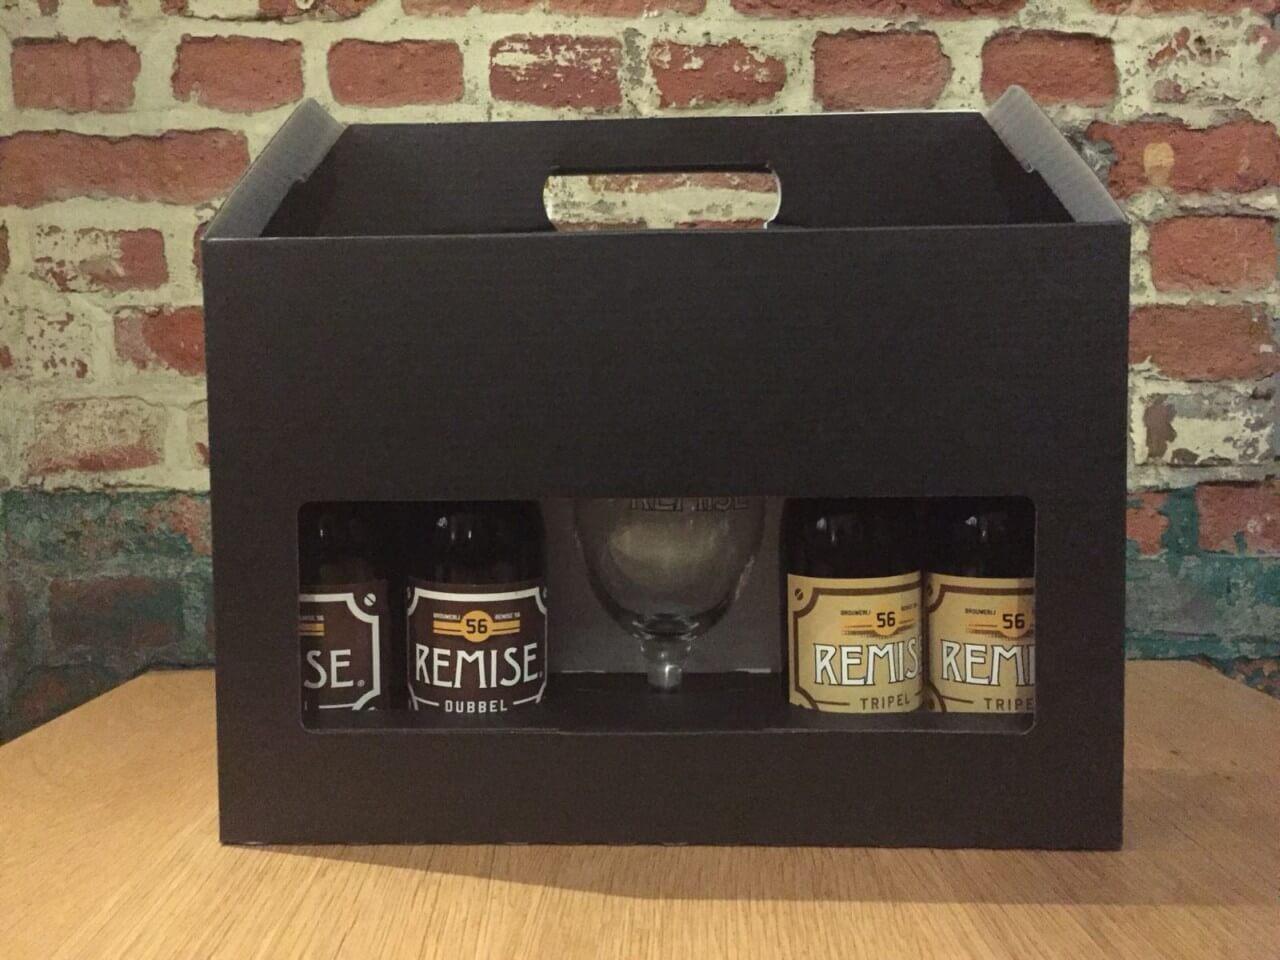 Geschenk koffer met Remise 56 Dubbel Tripel en Glas